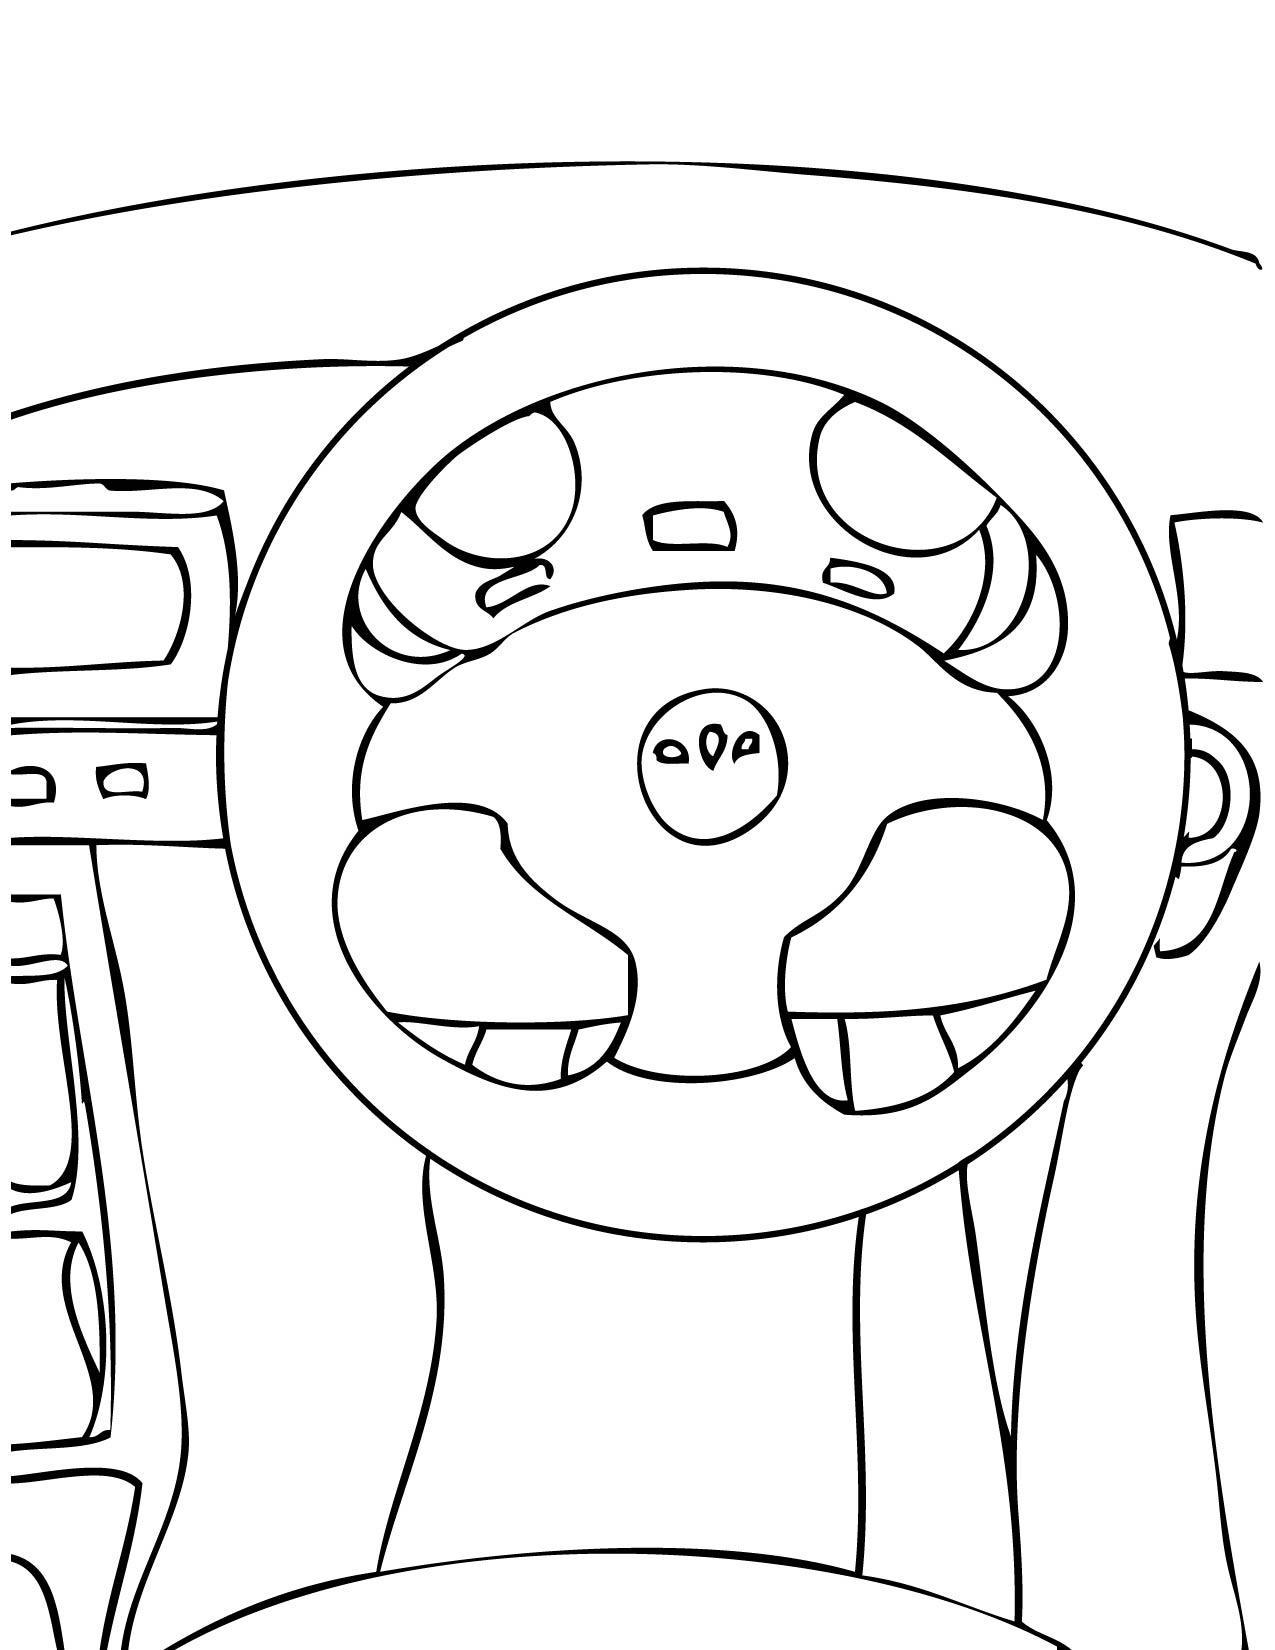 Car Steering Wheel Drawing At Getdrawings